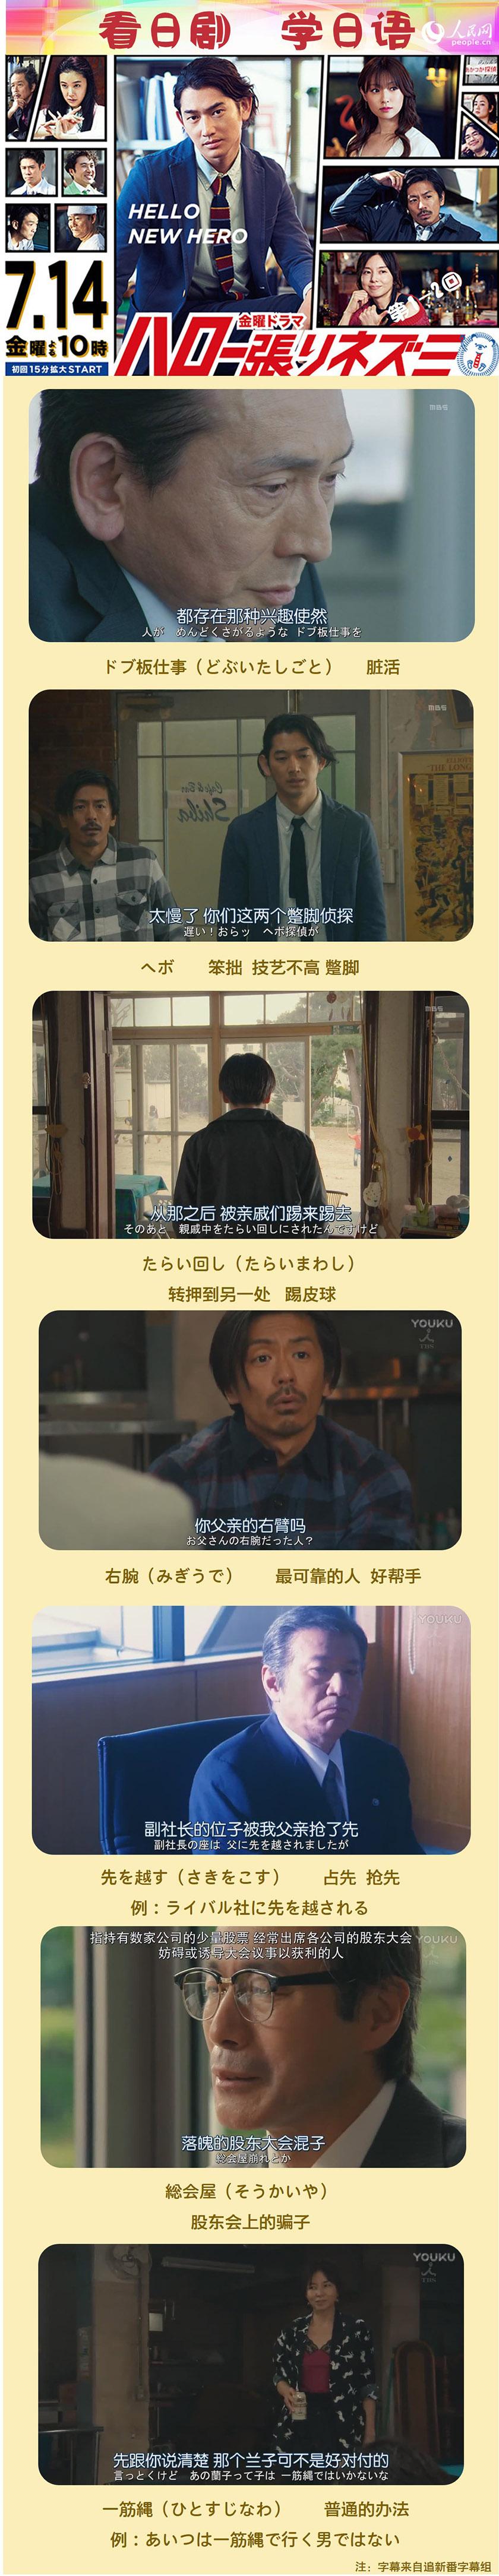 【看日剧学日语】之《侦探物语》篇第1-2回